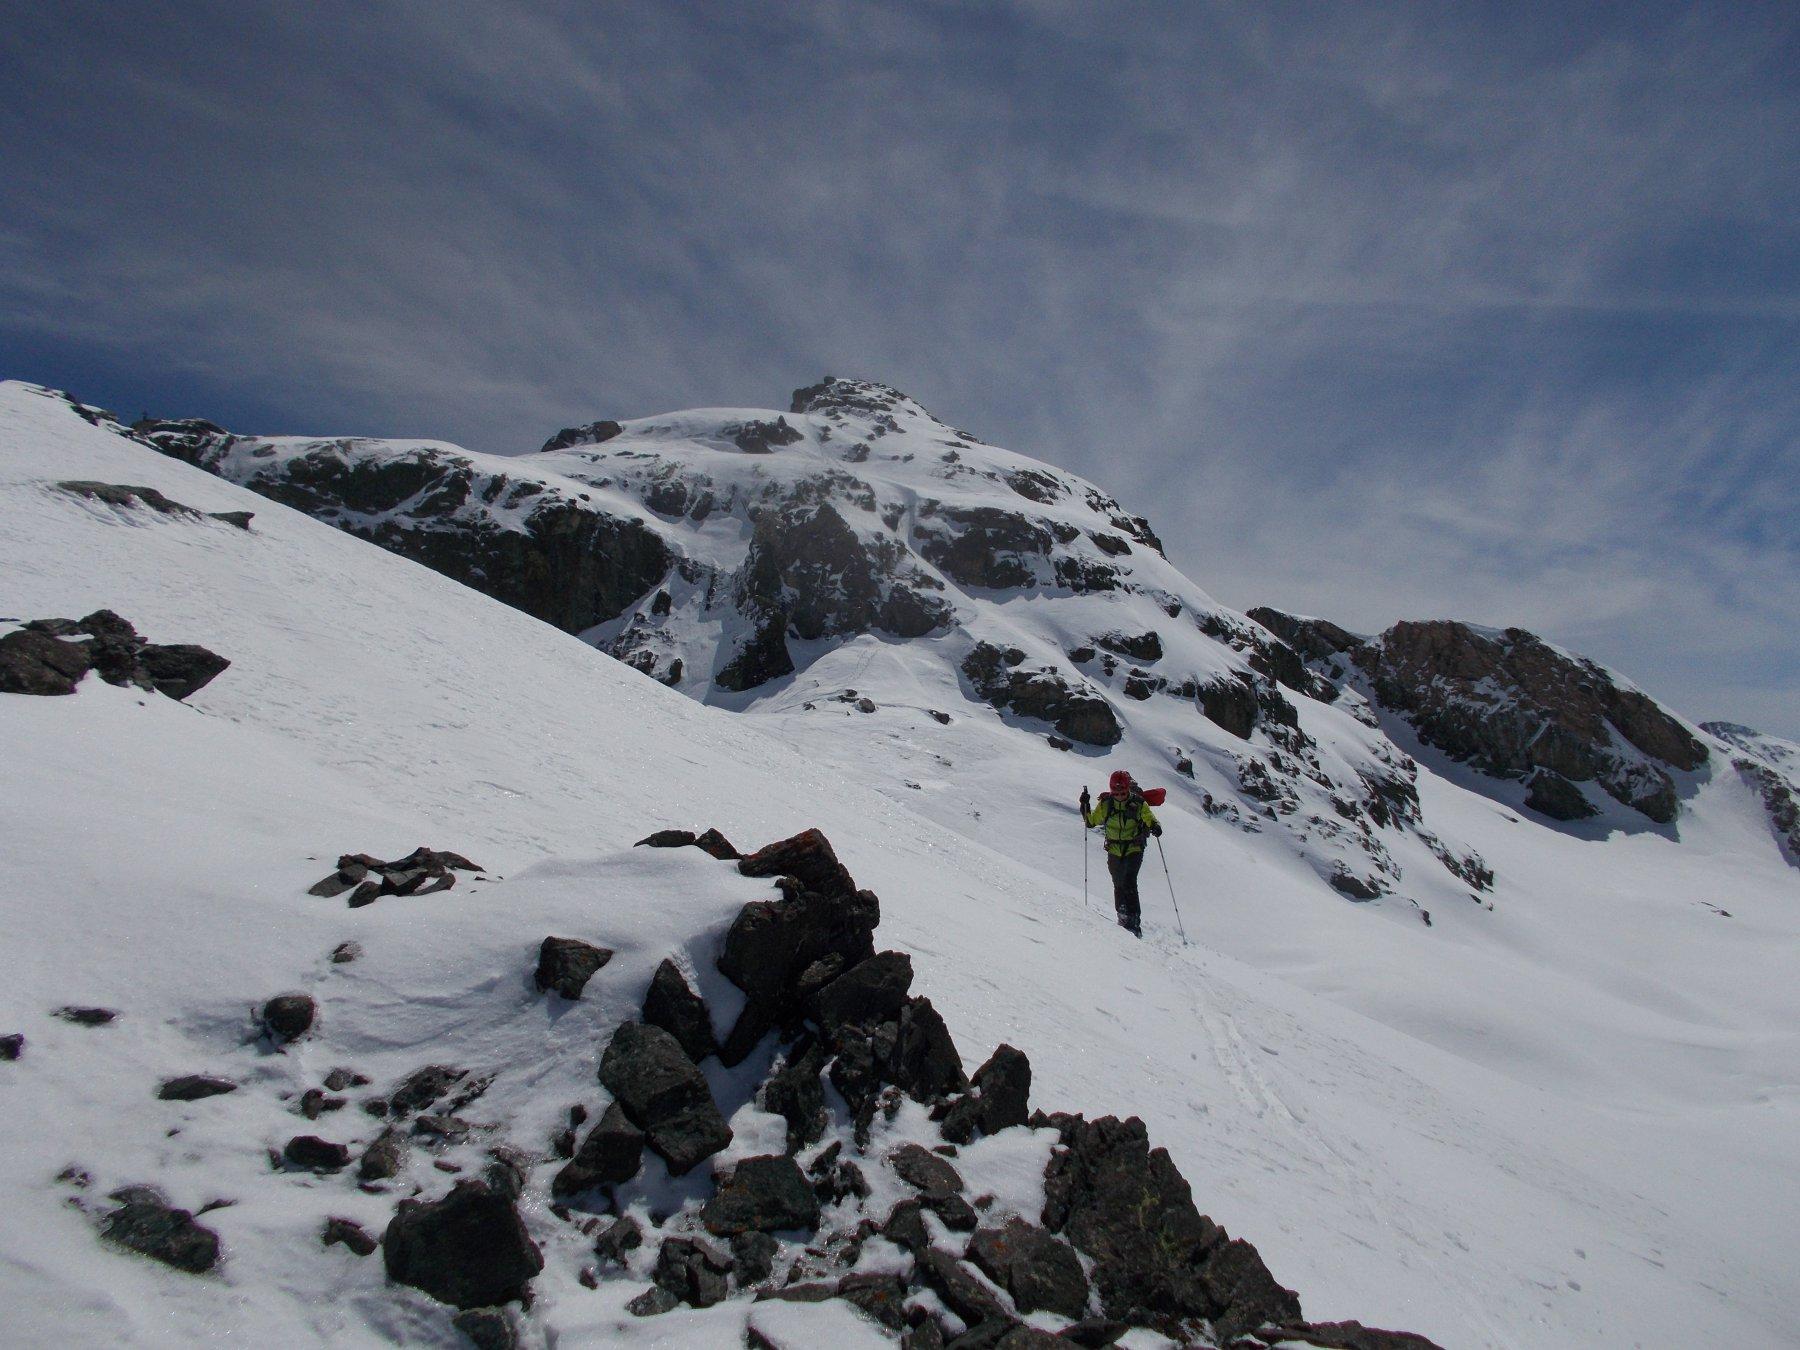 dalla Rocca Bianca per cresta ..verso il Col di San Veran..